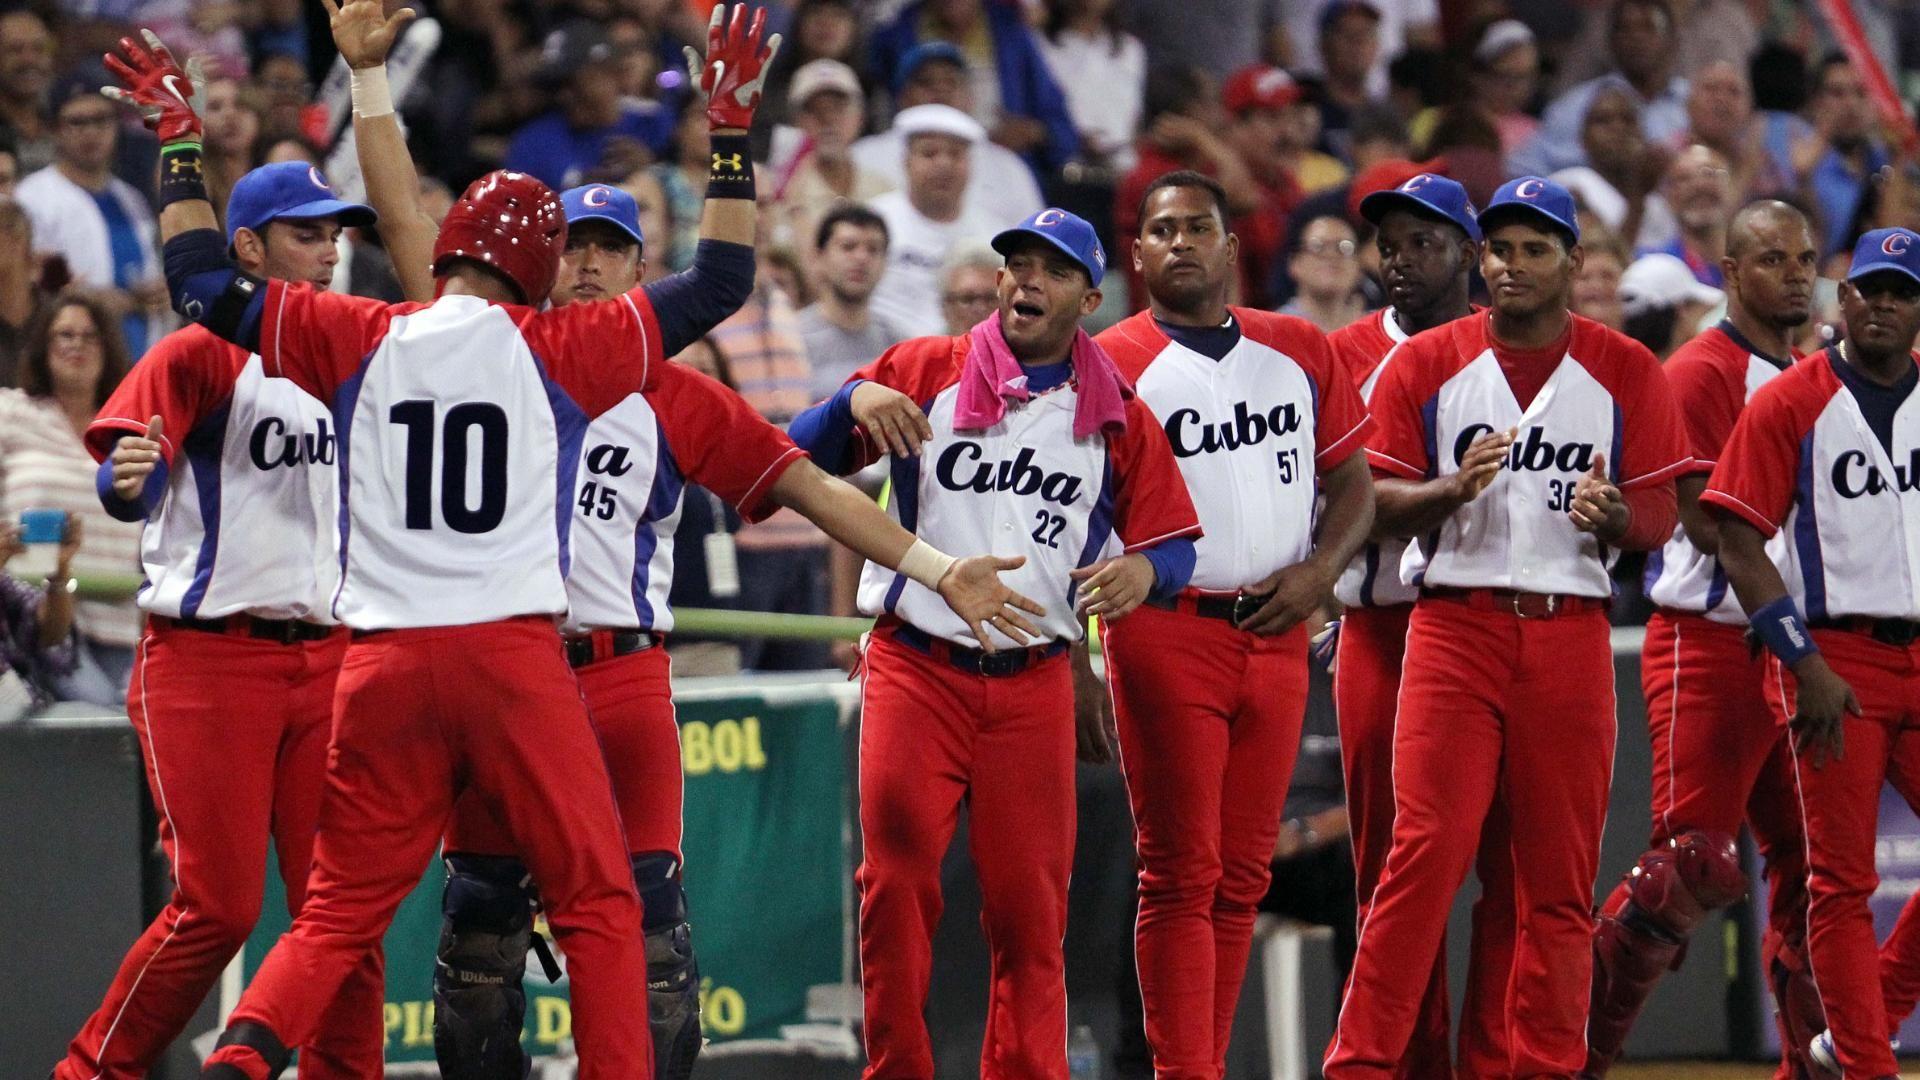 https://secure.espncdn.com/combiner/i?img=/media/motion/2015/0403/dm_150403_otl_cuba_baseball_feature/dm_150403_otl_cuba_baseball_feature.jpg